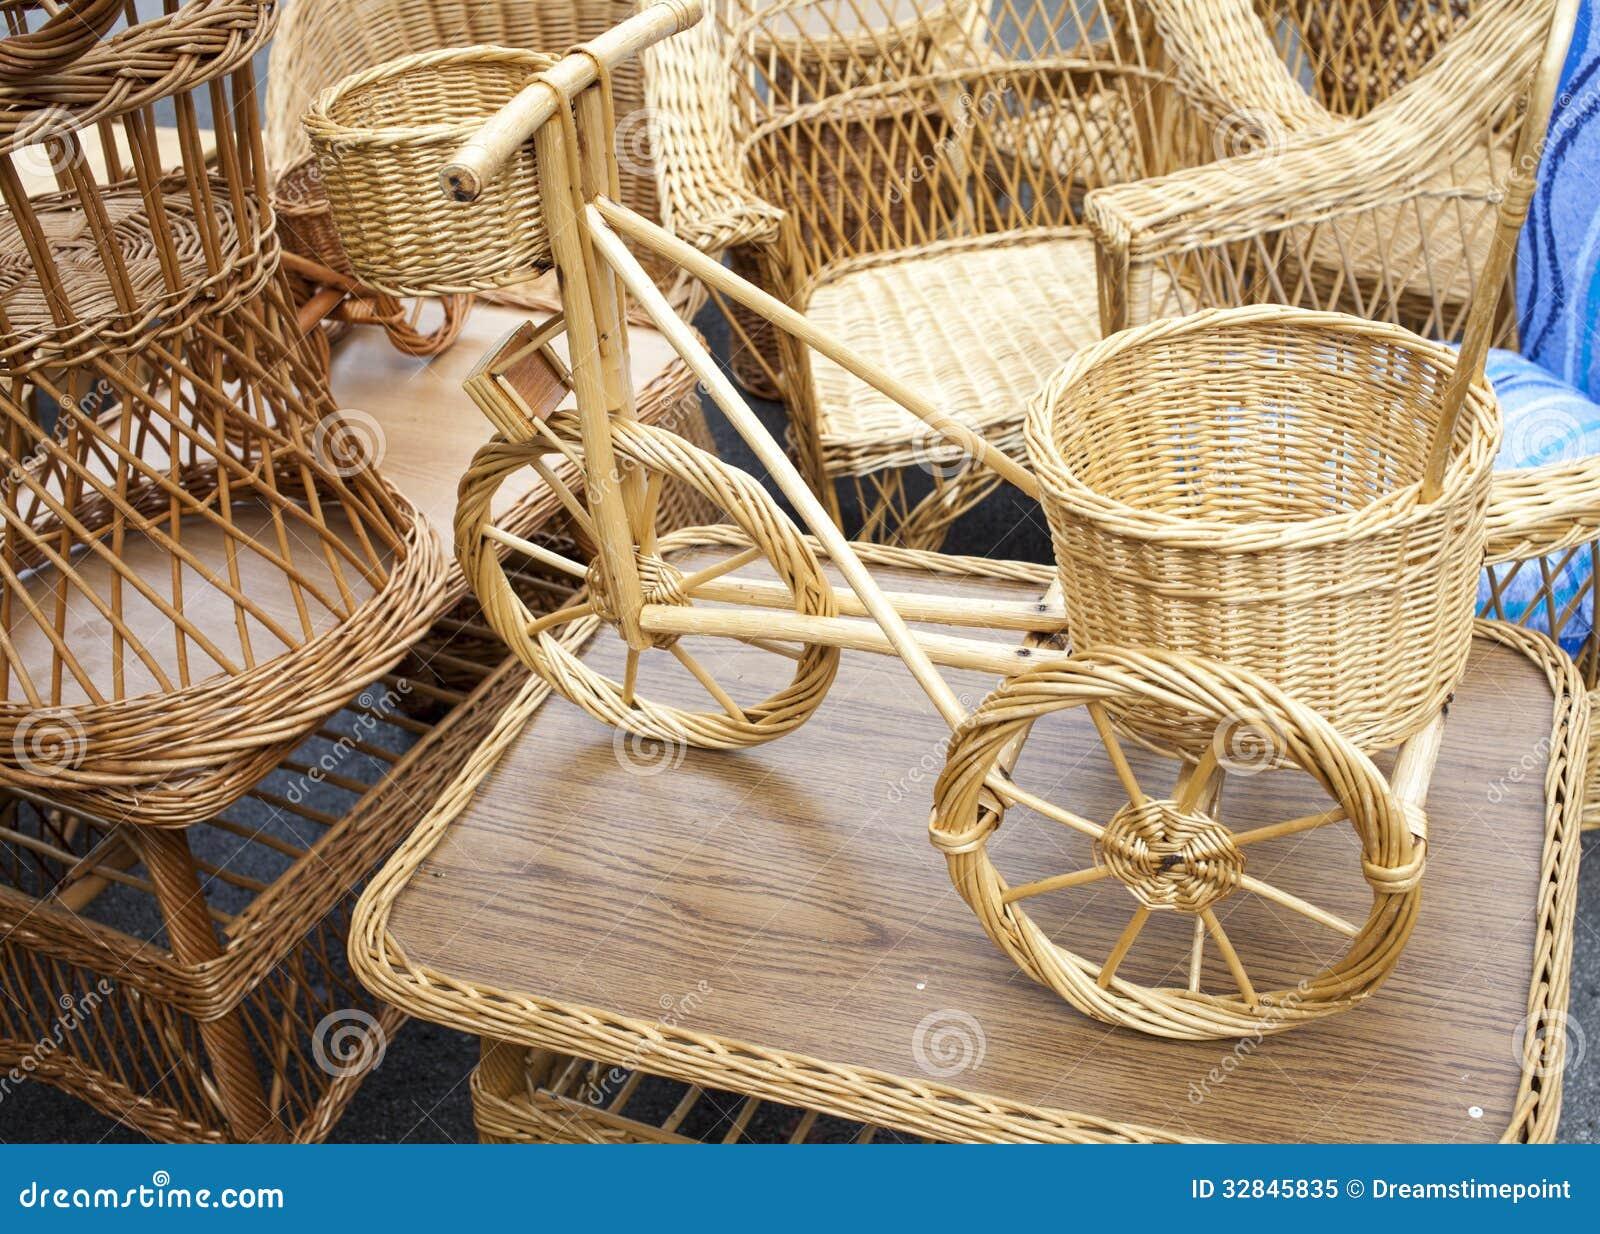 Bicicleta de mimbre y muebles hechos de la barra de mimbre orgánica